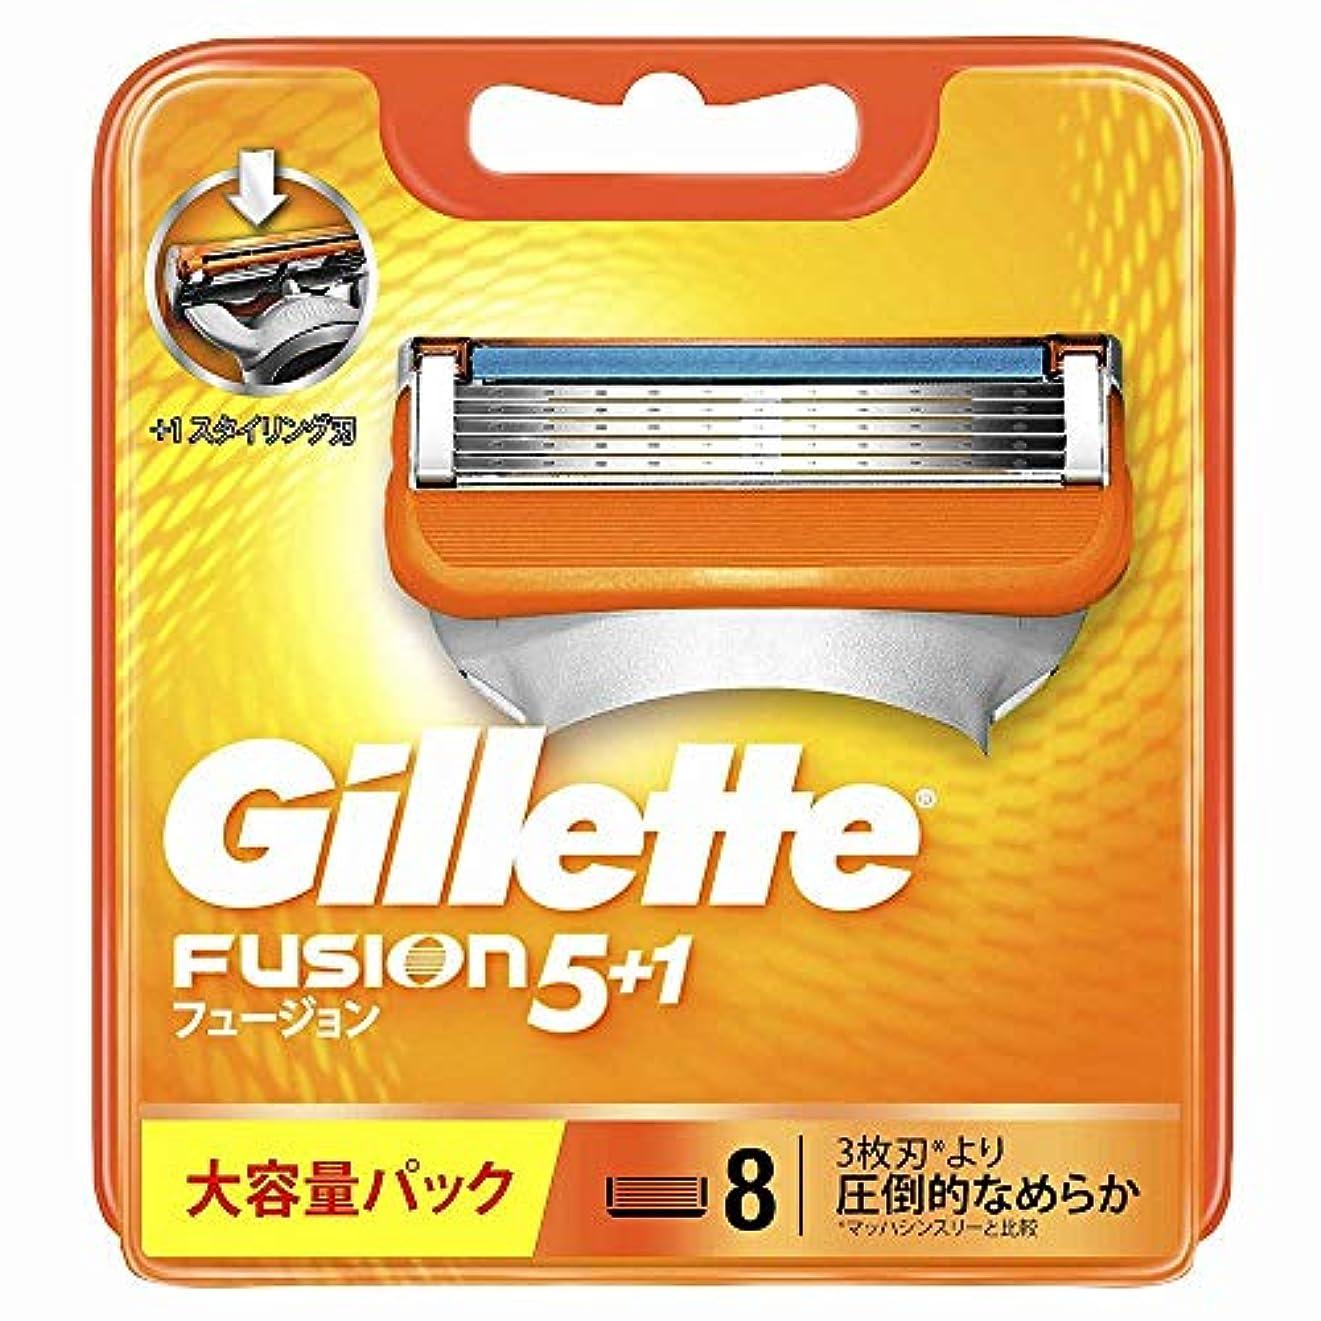 作る私のレンチジレット 髭剃り フュージョン5+1 替刃8個入